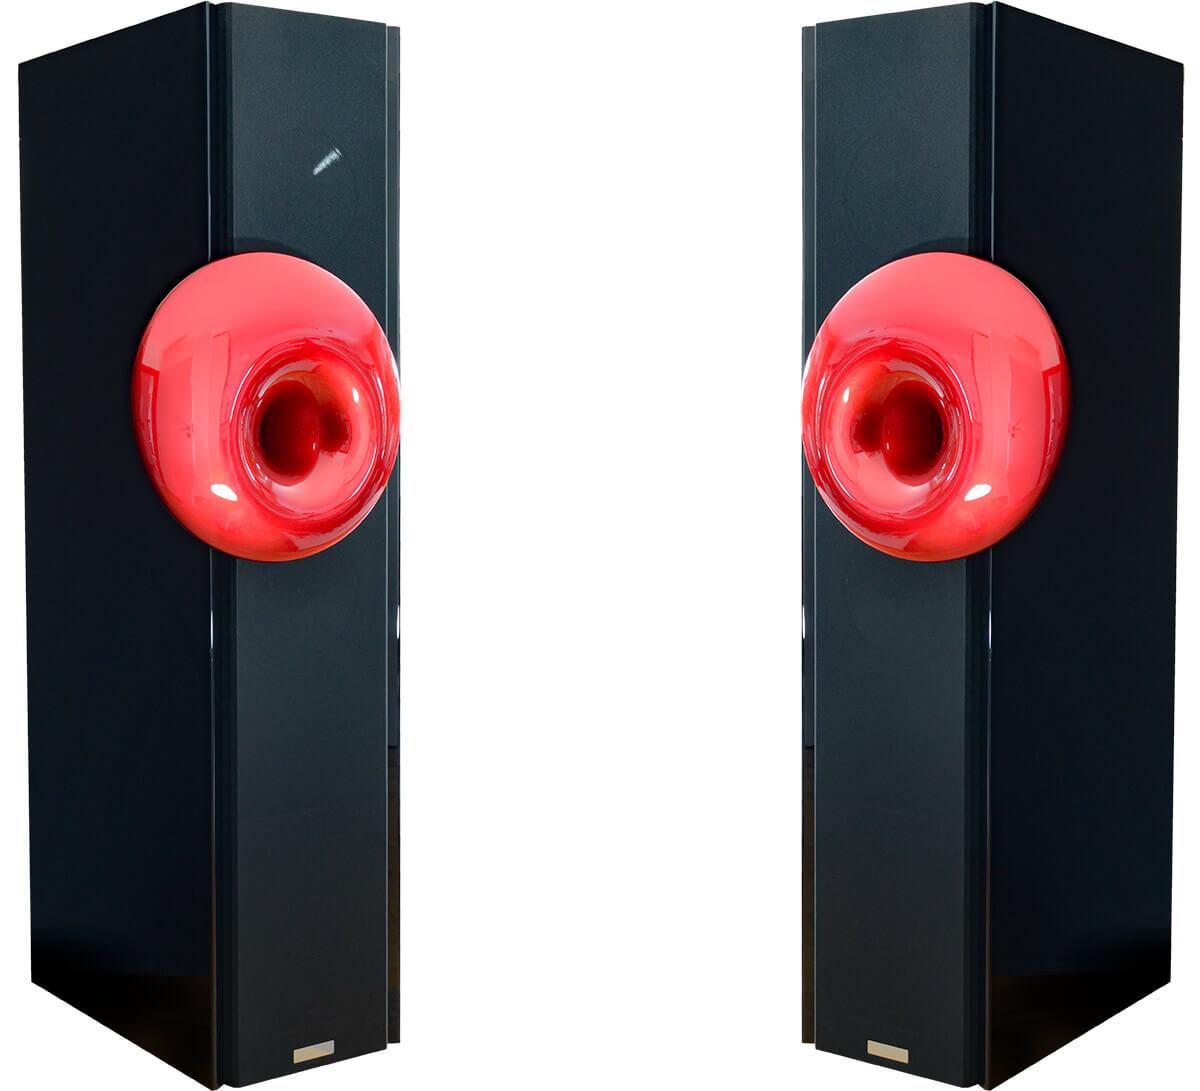 Die Acapella High BassoNobile MKII ist ein wahrlich ausgewachsener Lautsprecher. Im Mitten-Hochton-Zweig kommt ein spezielles Horn zum Einsatz